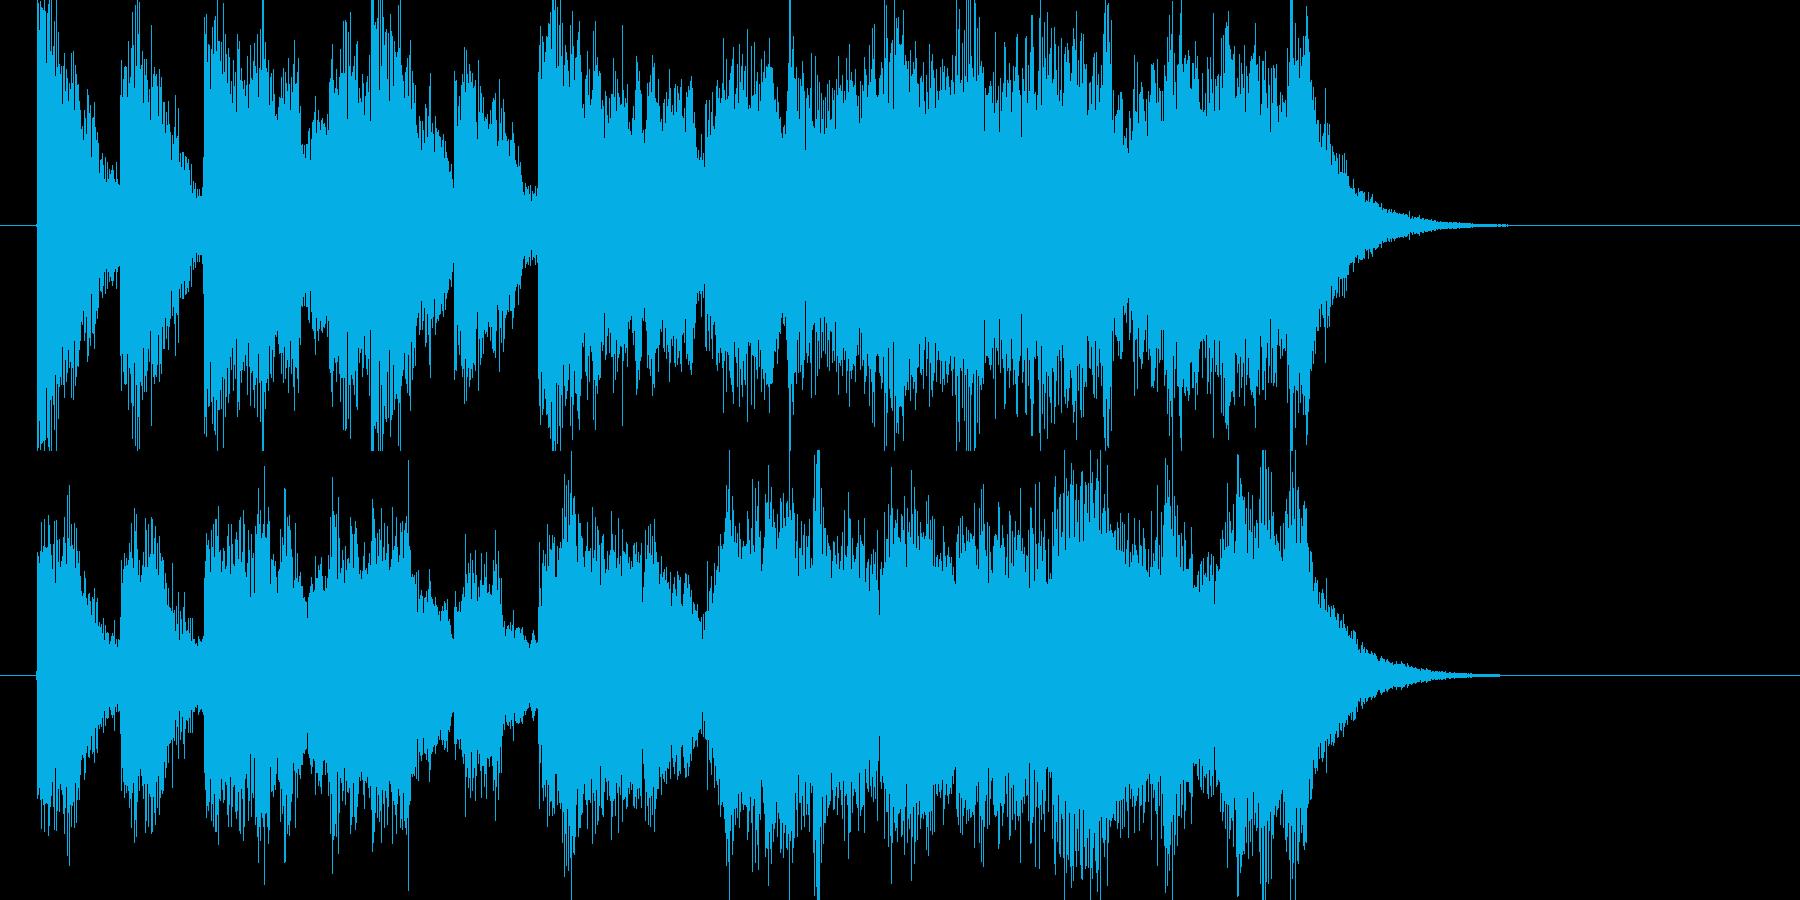 ファンファーレ風オーケストラジングルの再生済みの波形